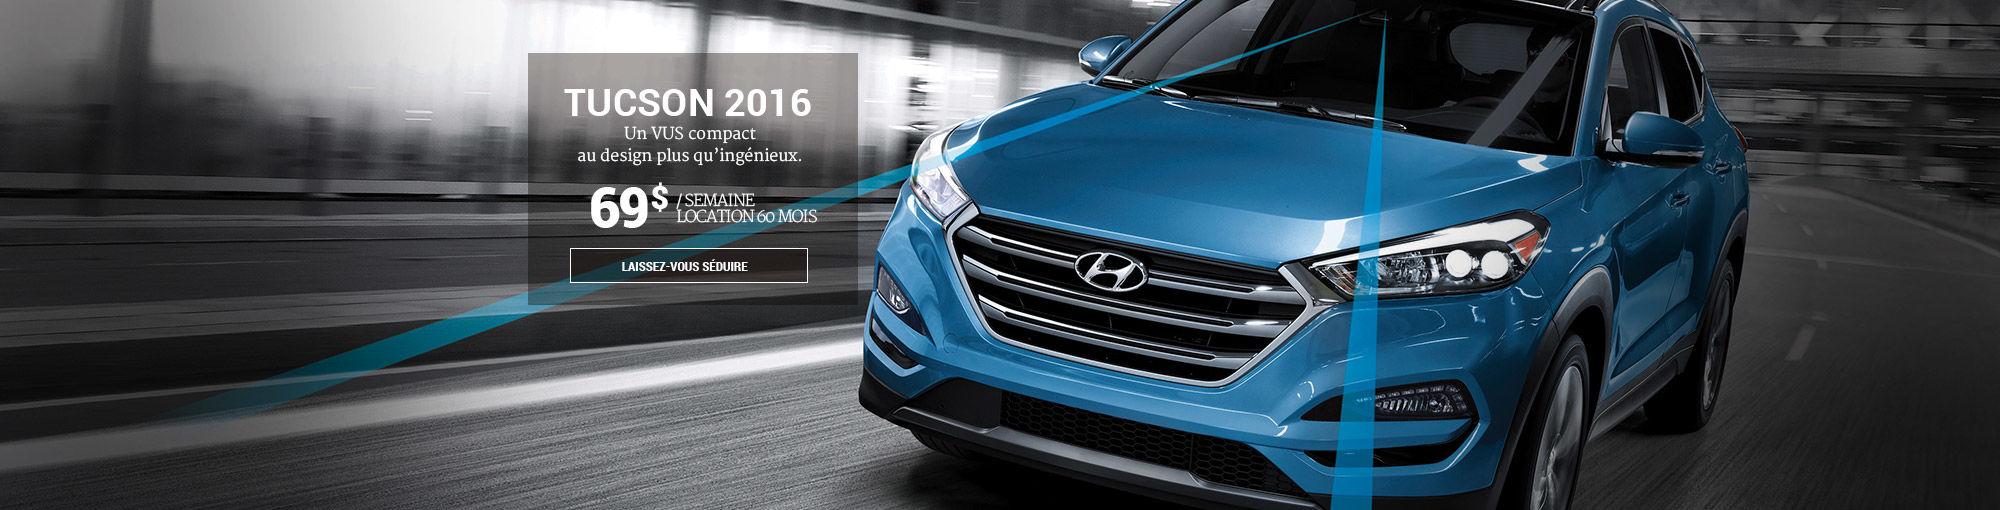 Hyundai Tucson 2016 header - juillet-août 2016